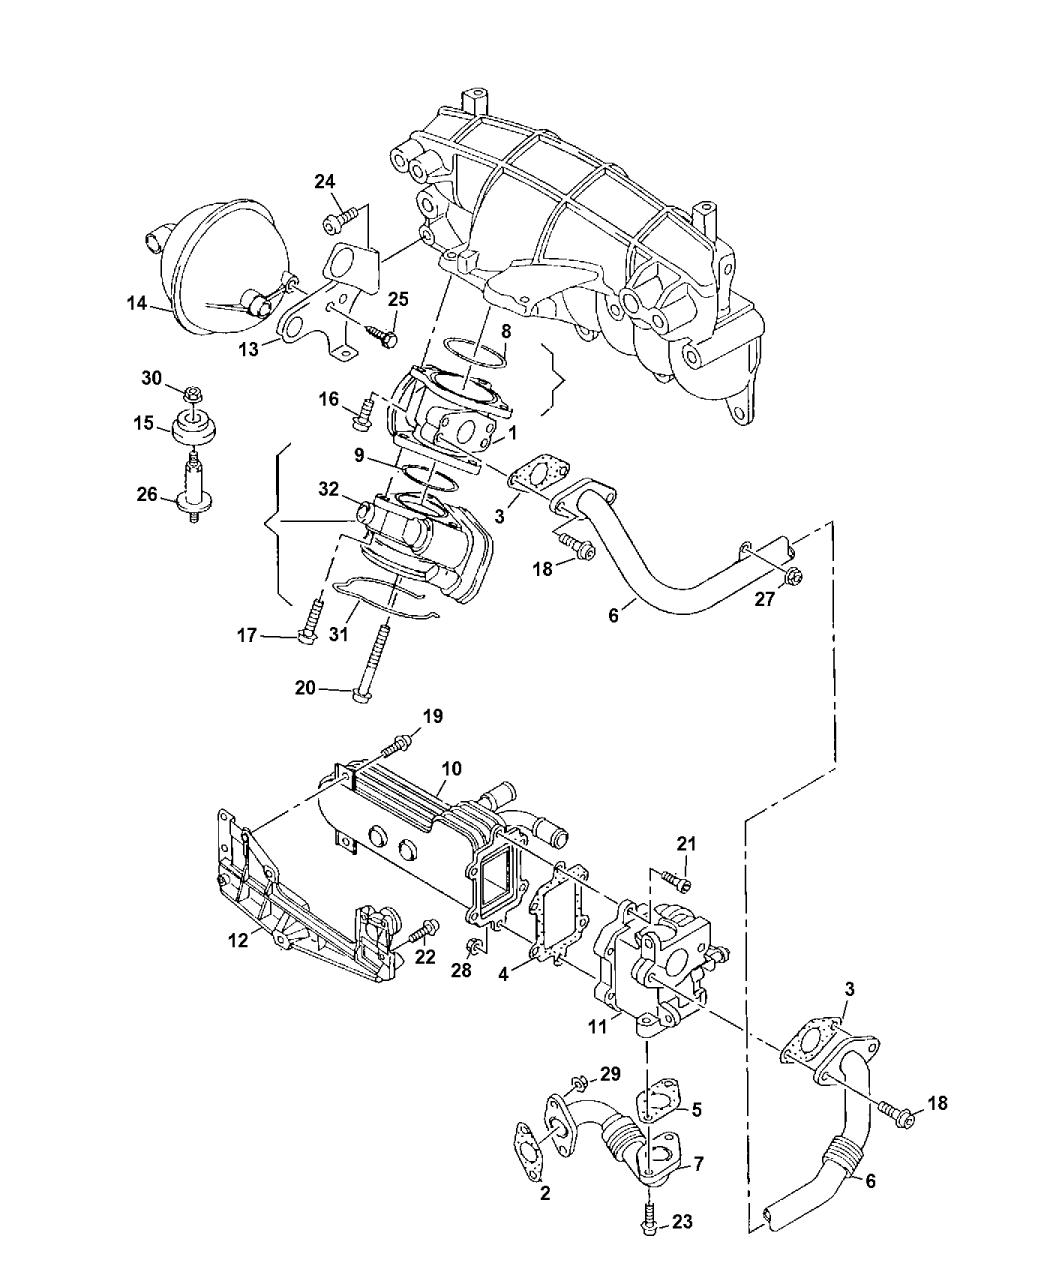 2009 Jeep Compass Egr Valve Related Mopar Parts Giant Engine Diagram Thumbnail 1